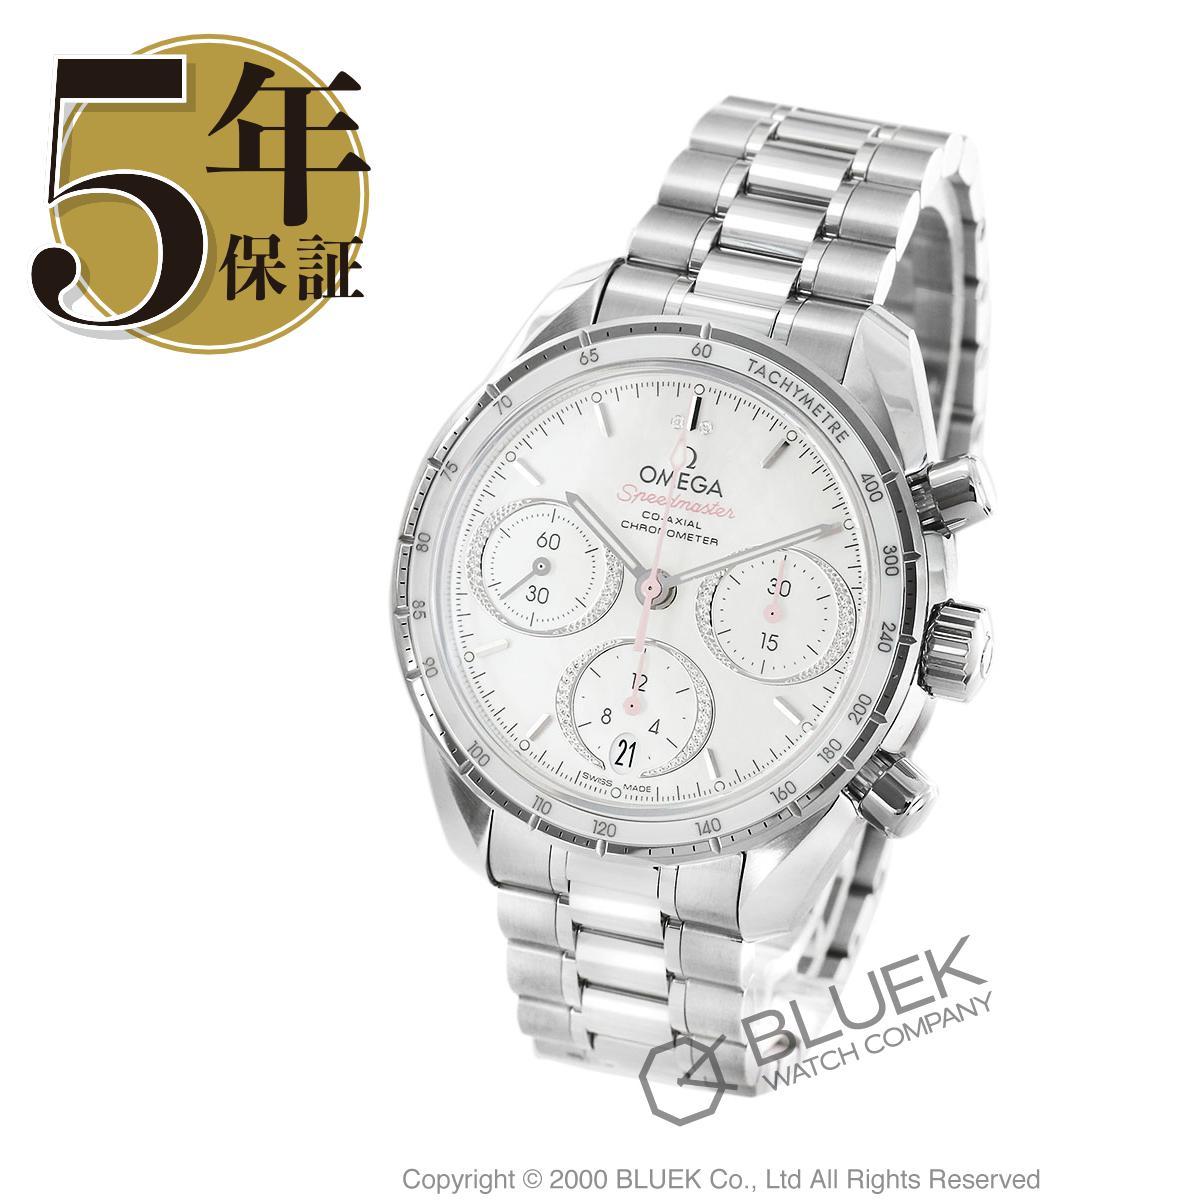 オメガ スピードマスター 38 クロノグラフ ダイヤ 腕時計 ユニセックス OMEGA 324.30.38.50.55.001_8